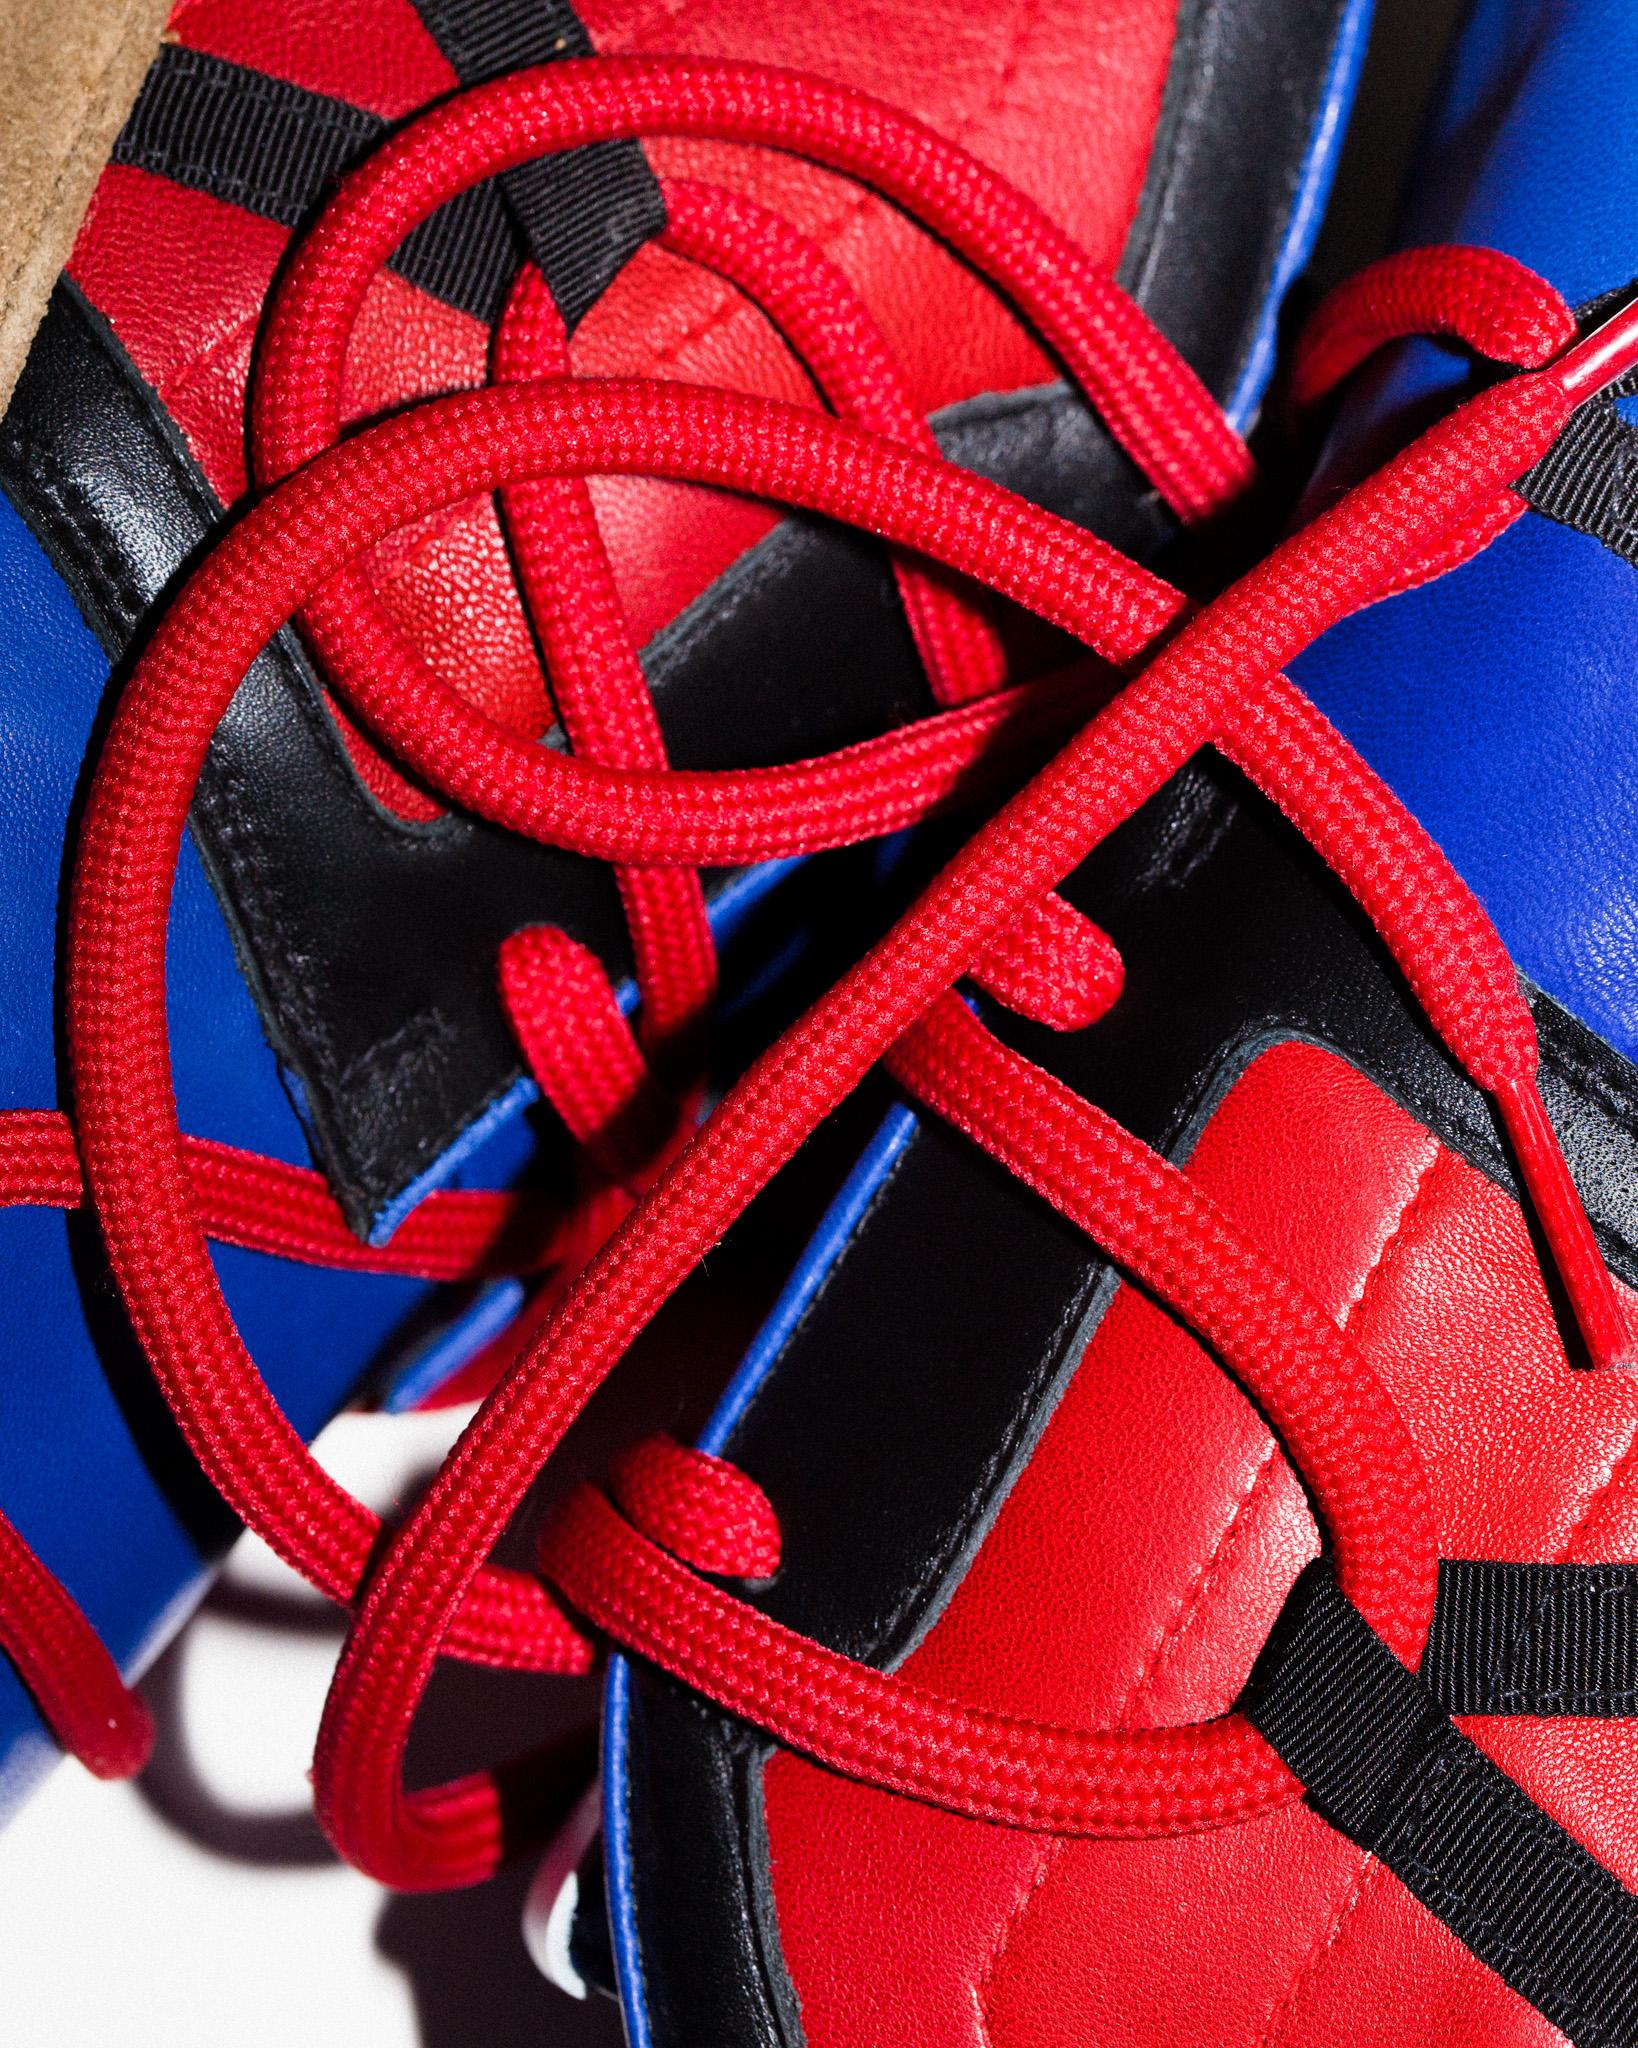 Volta-Footwear-Lightweight-Nappa-Ralph-Facebook-4.jpg